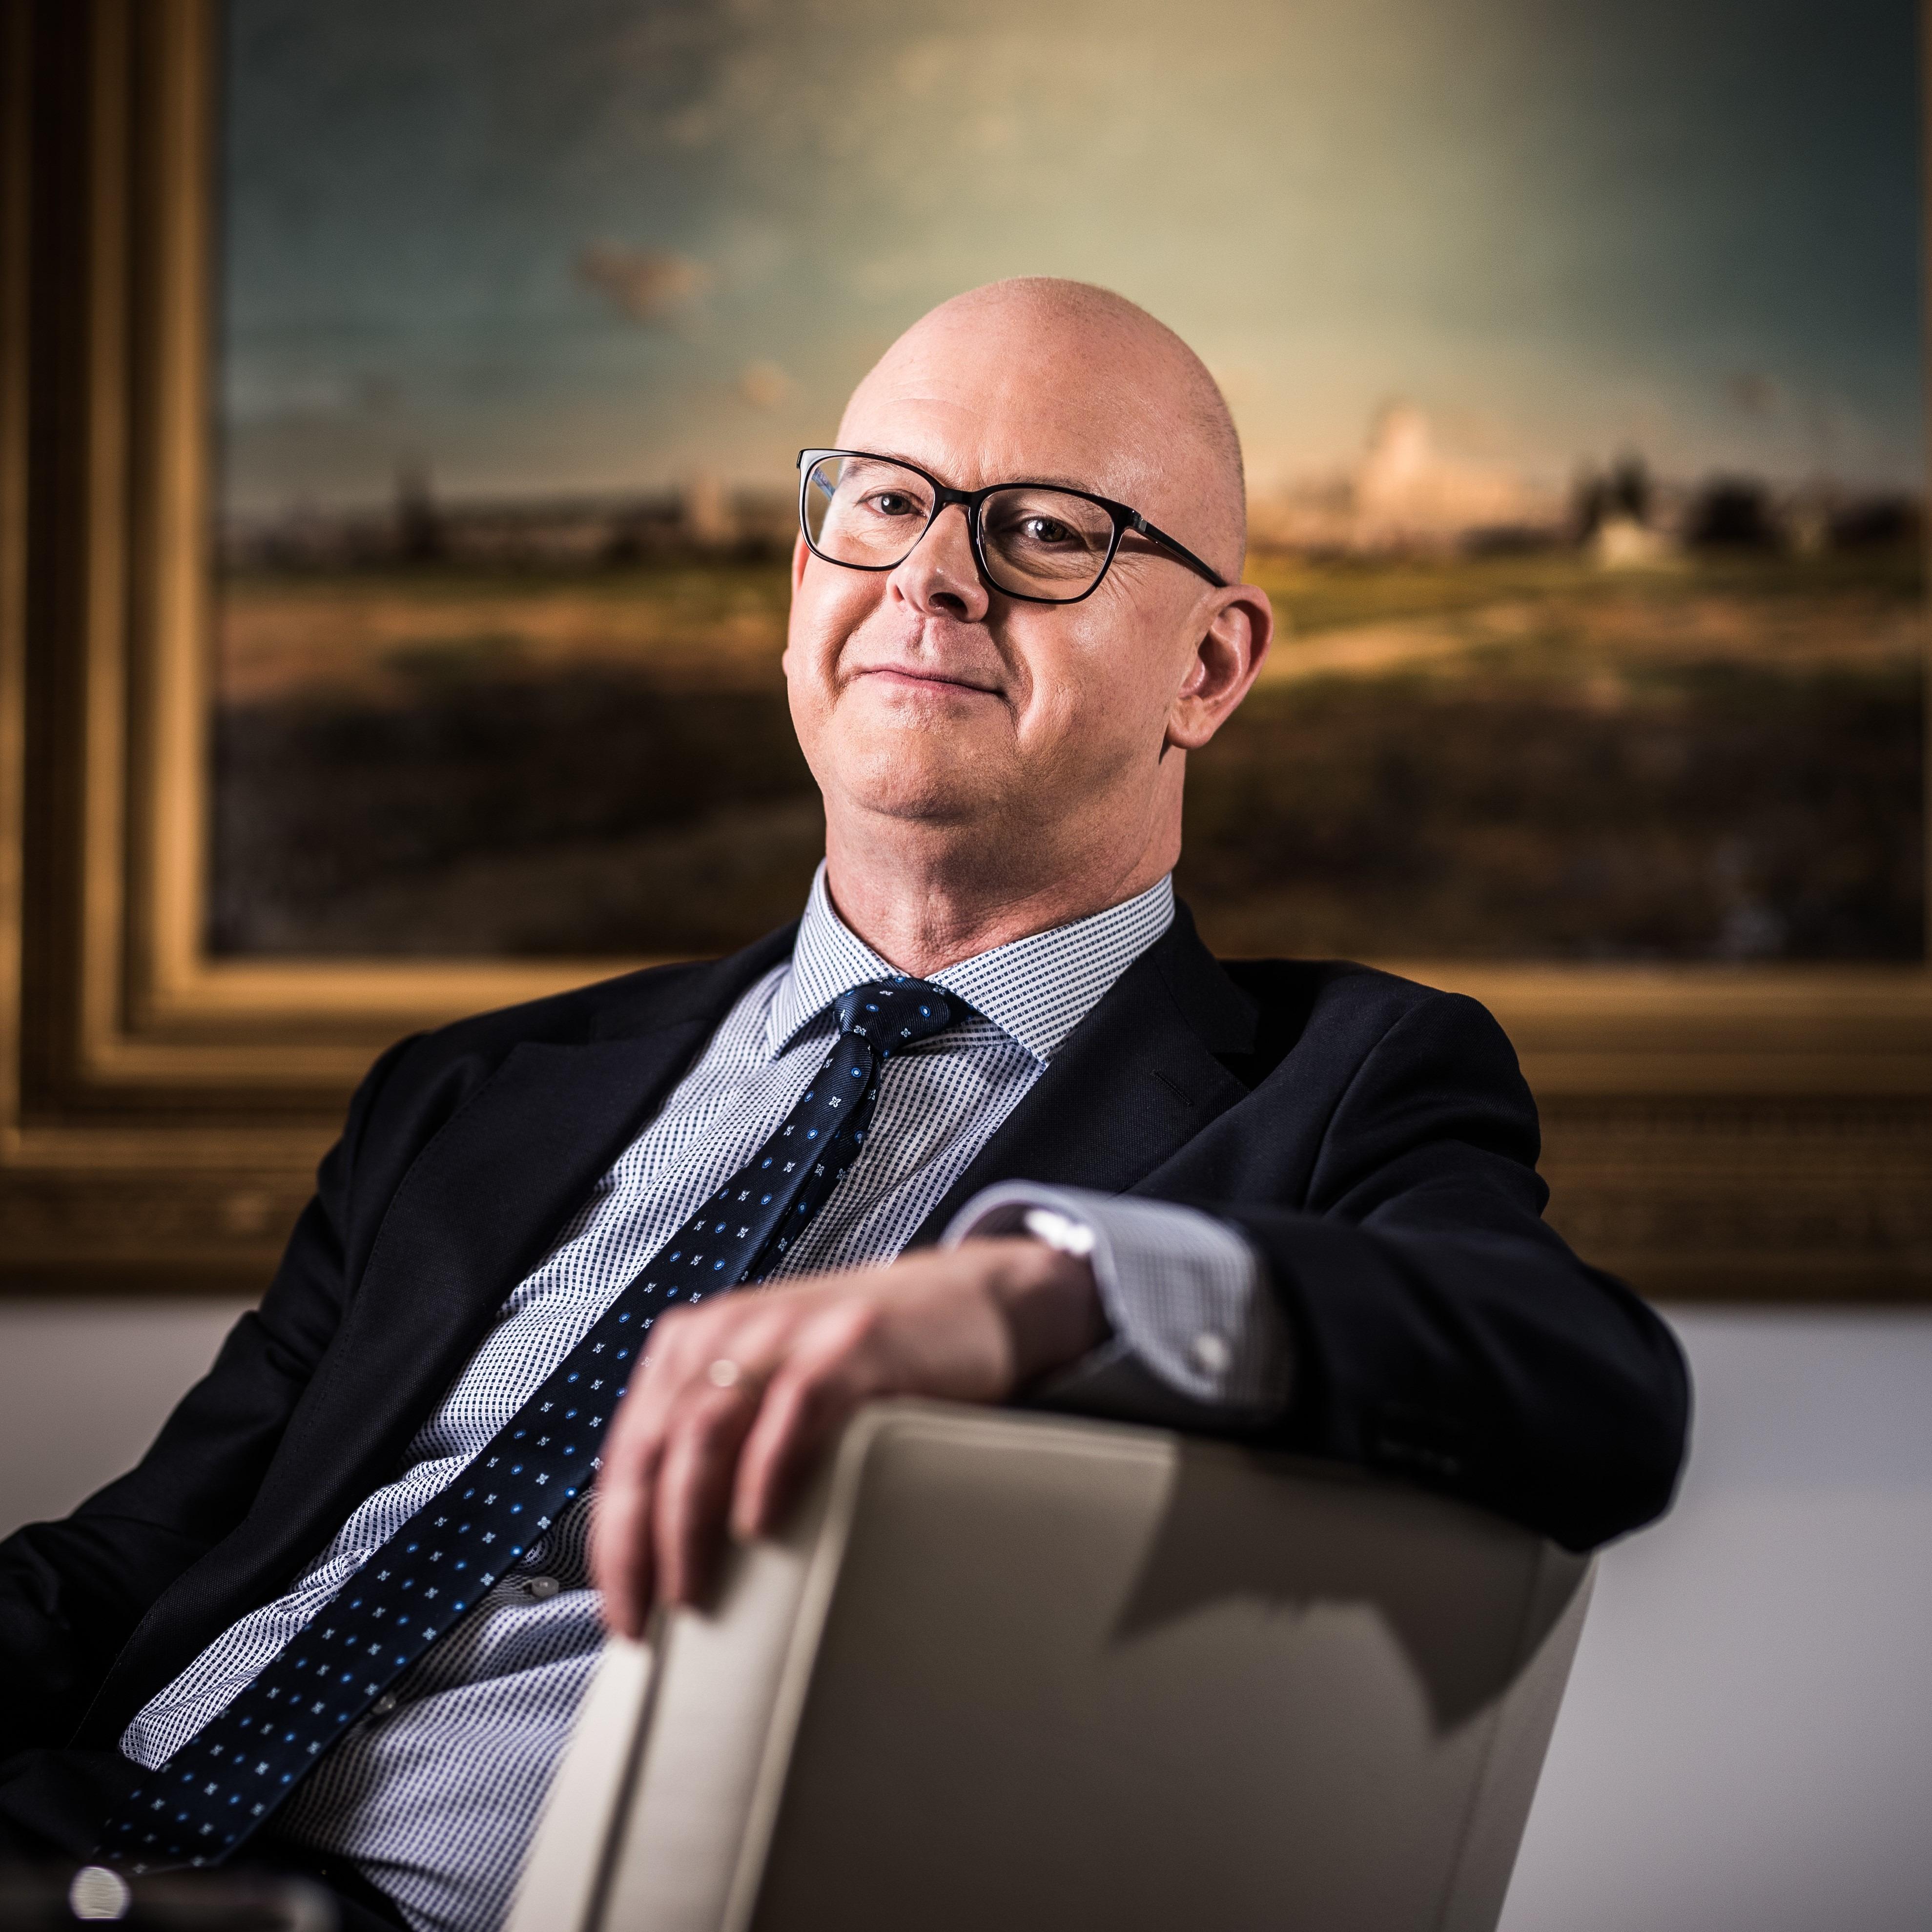 In deze eerste aflevering van 2020 gaat RECHTspreekt op bezoek bij Willy van Eeckhoutte, advocaat sinds 1975, em. prof. dr. aan de Universiteit Gent en een absolute autoriteit op het...